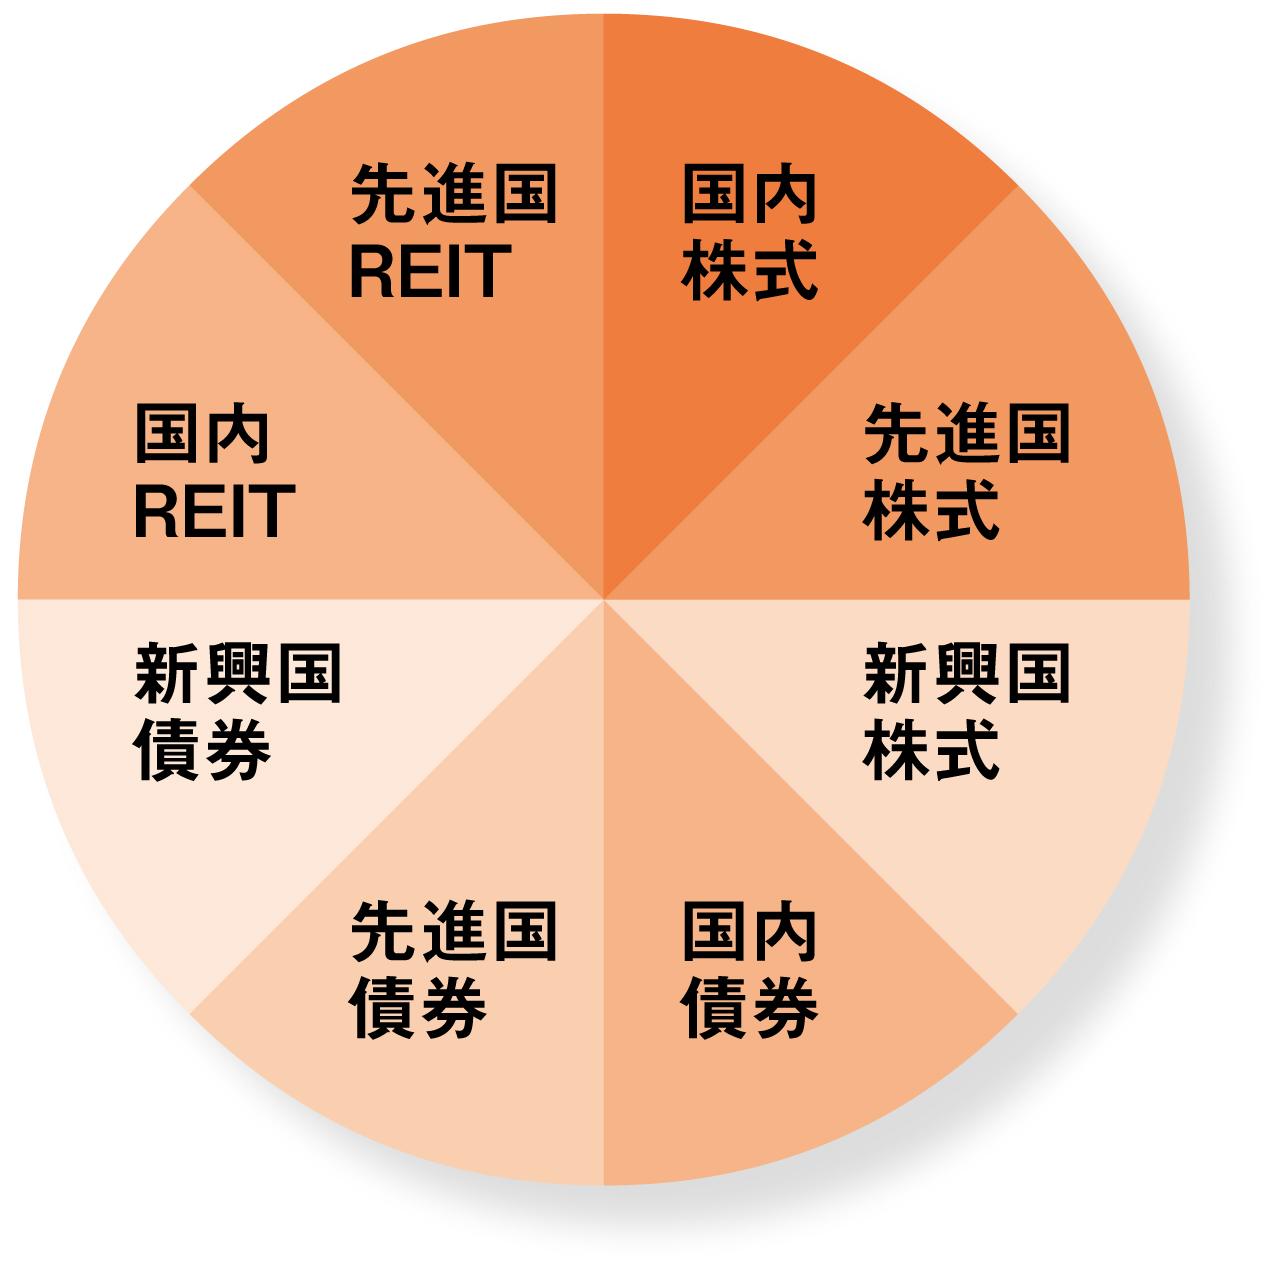 8資産投資バランス型投信